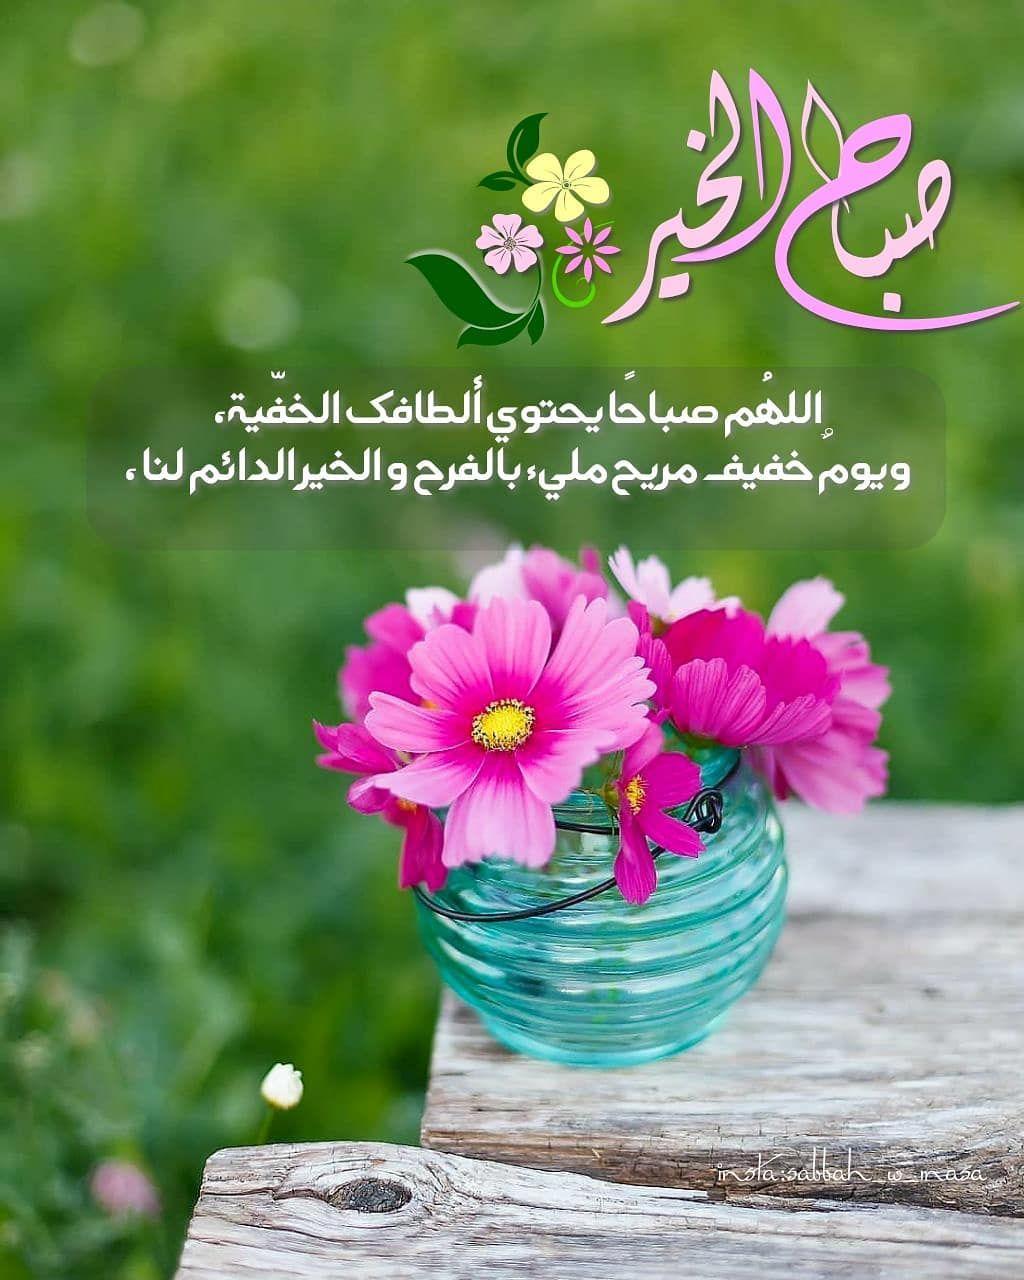 صبح و مساء On Instagram صباح الخير الله م صباح ا يحتوي ألطافك الخف ي Beautiful Morning Messages Good Morning Arabic Good Morning Beautiful